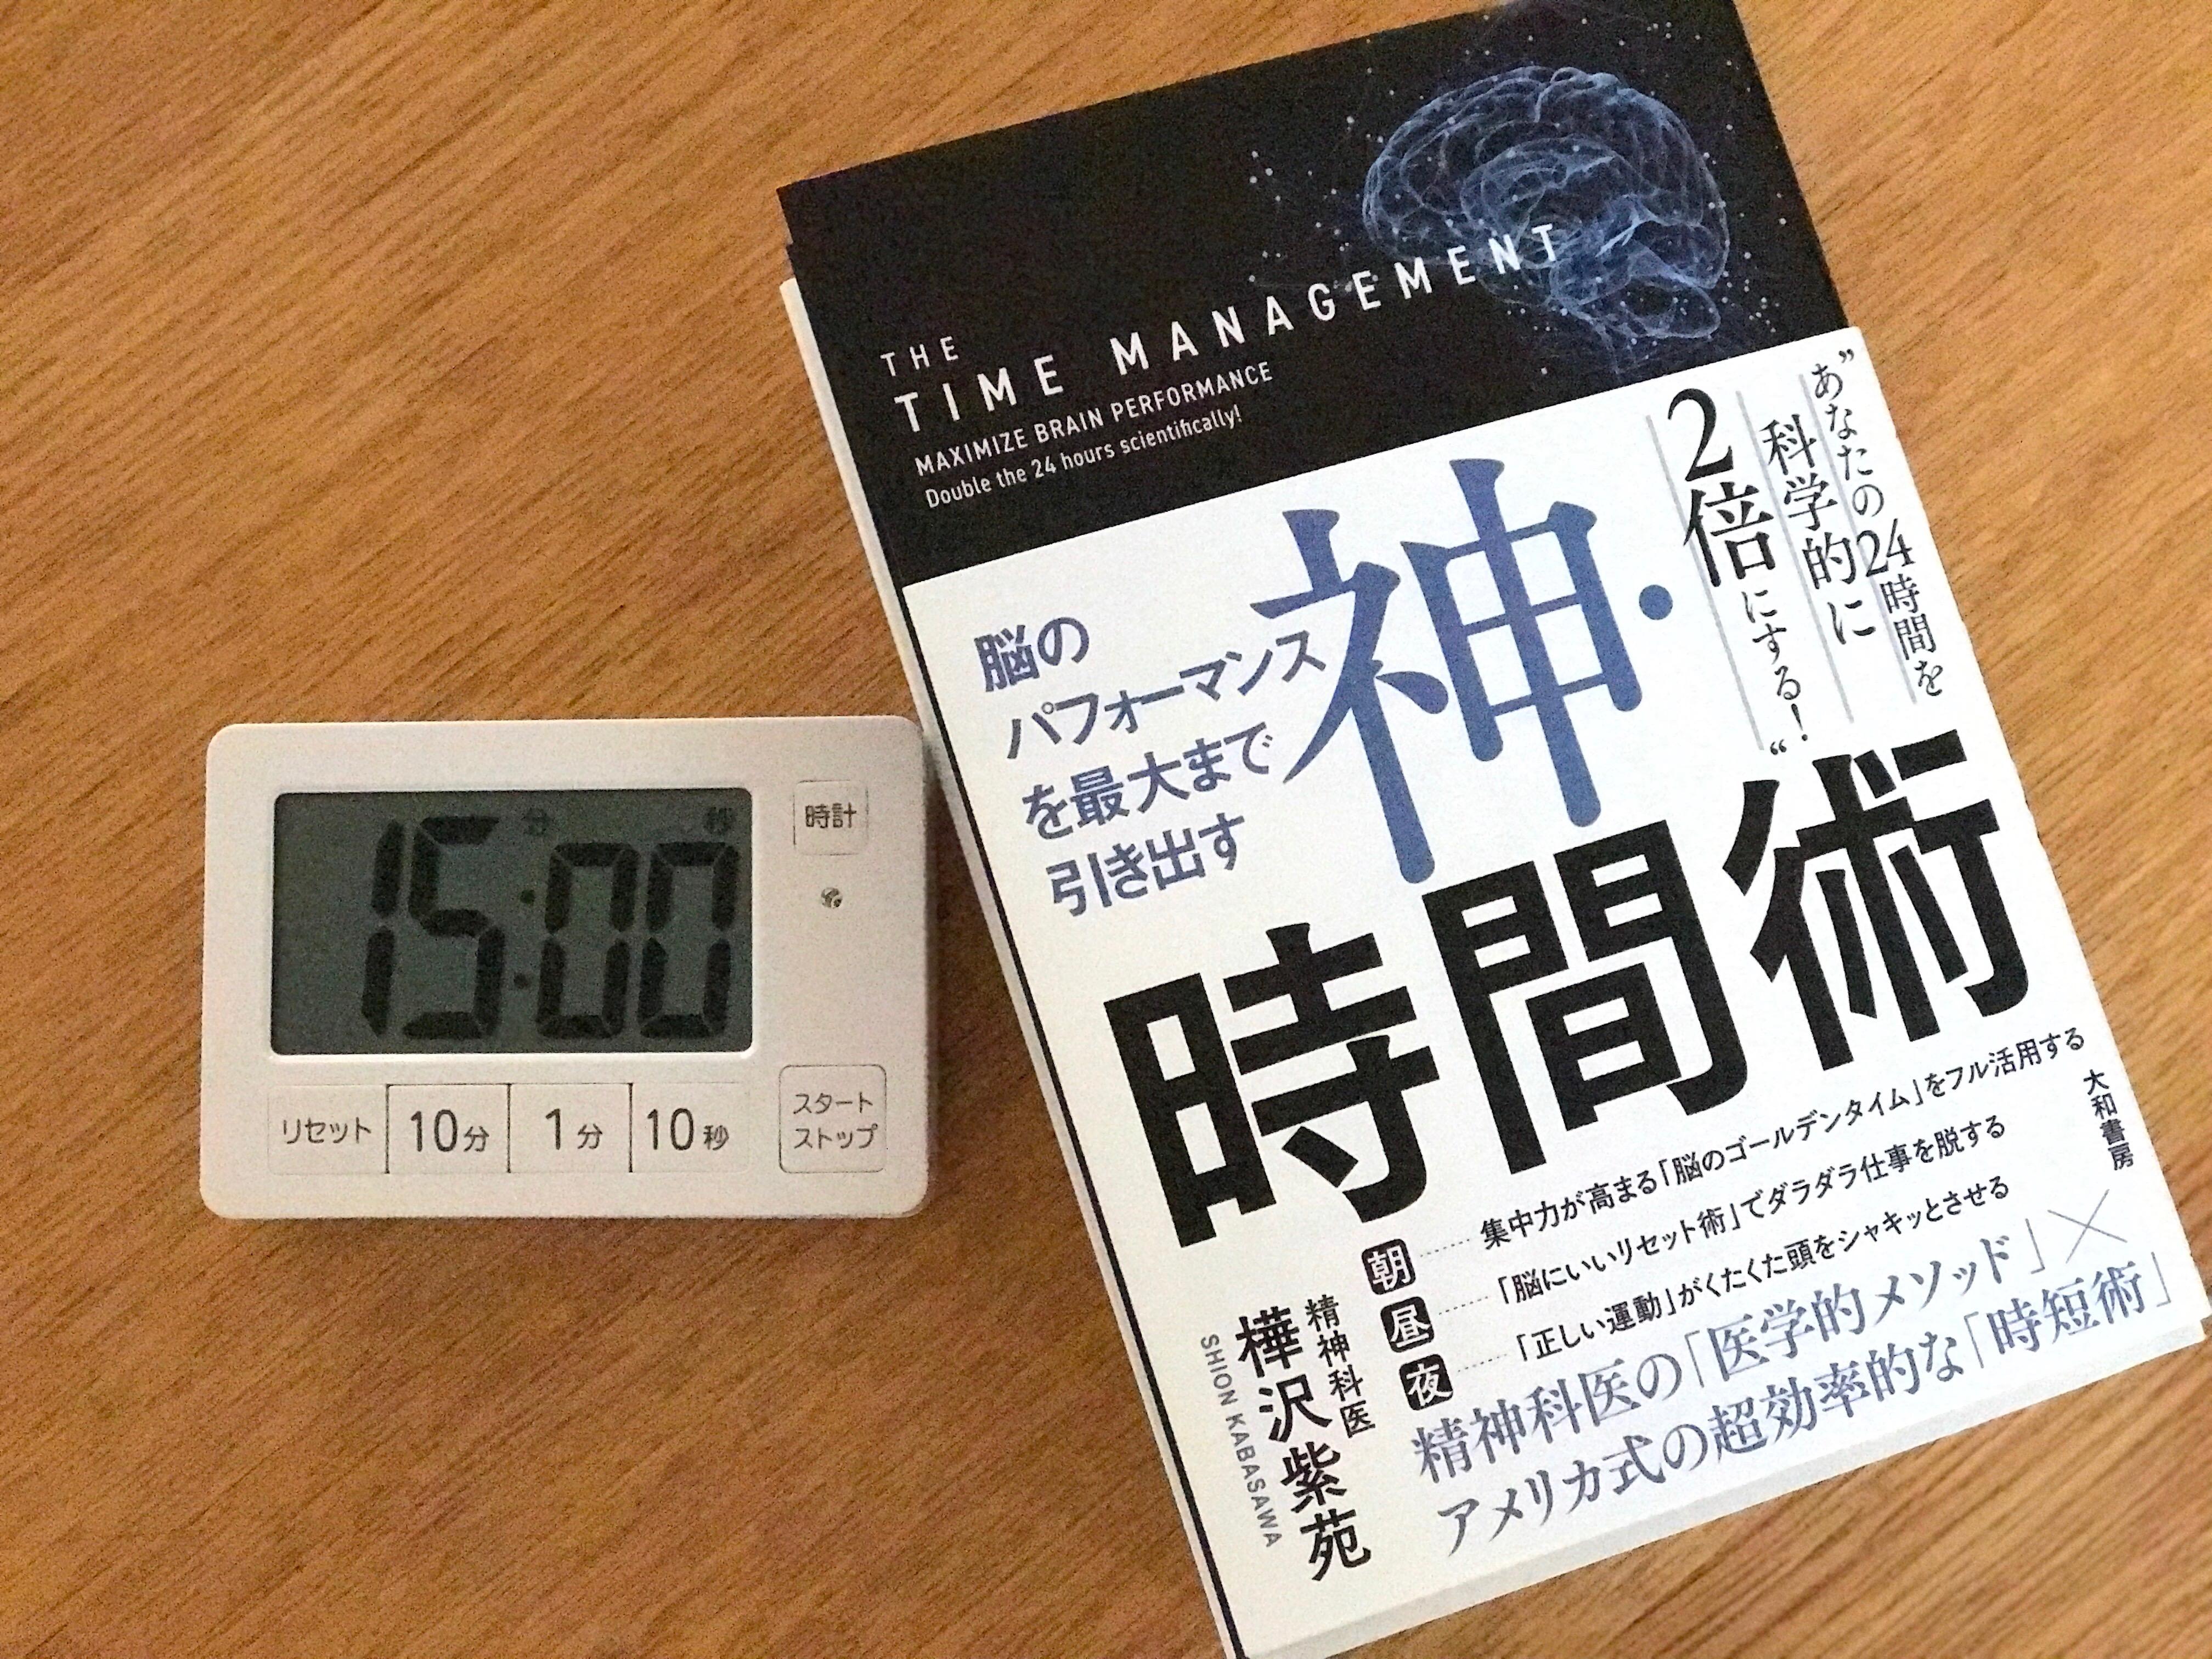 1日の過ごし方が変わる!「神・時間術」を読んで24時間を倍にする。